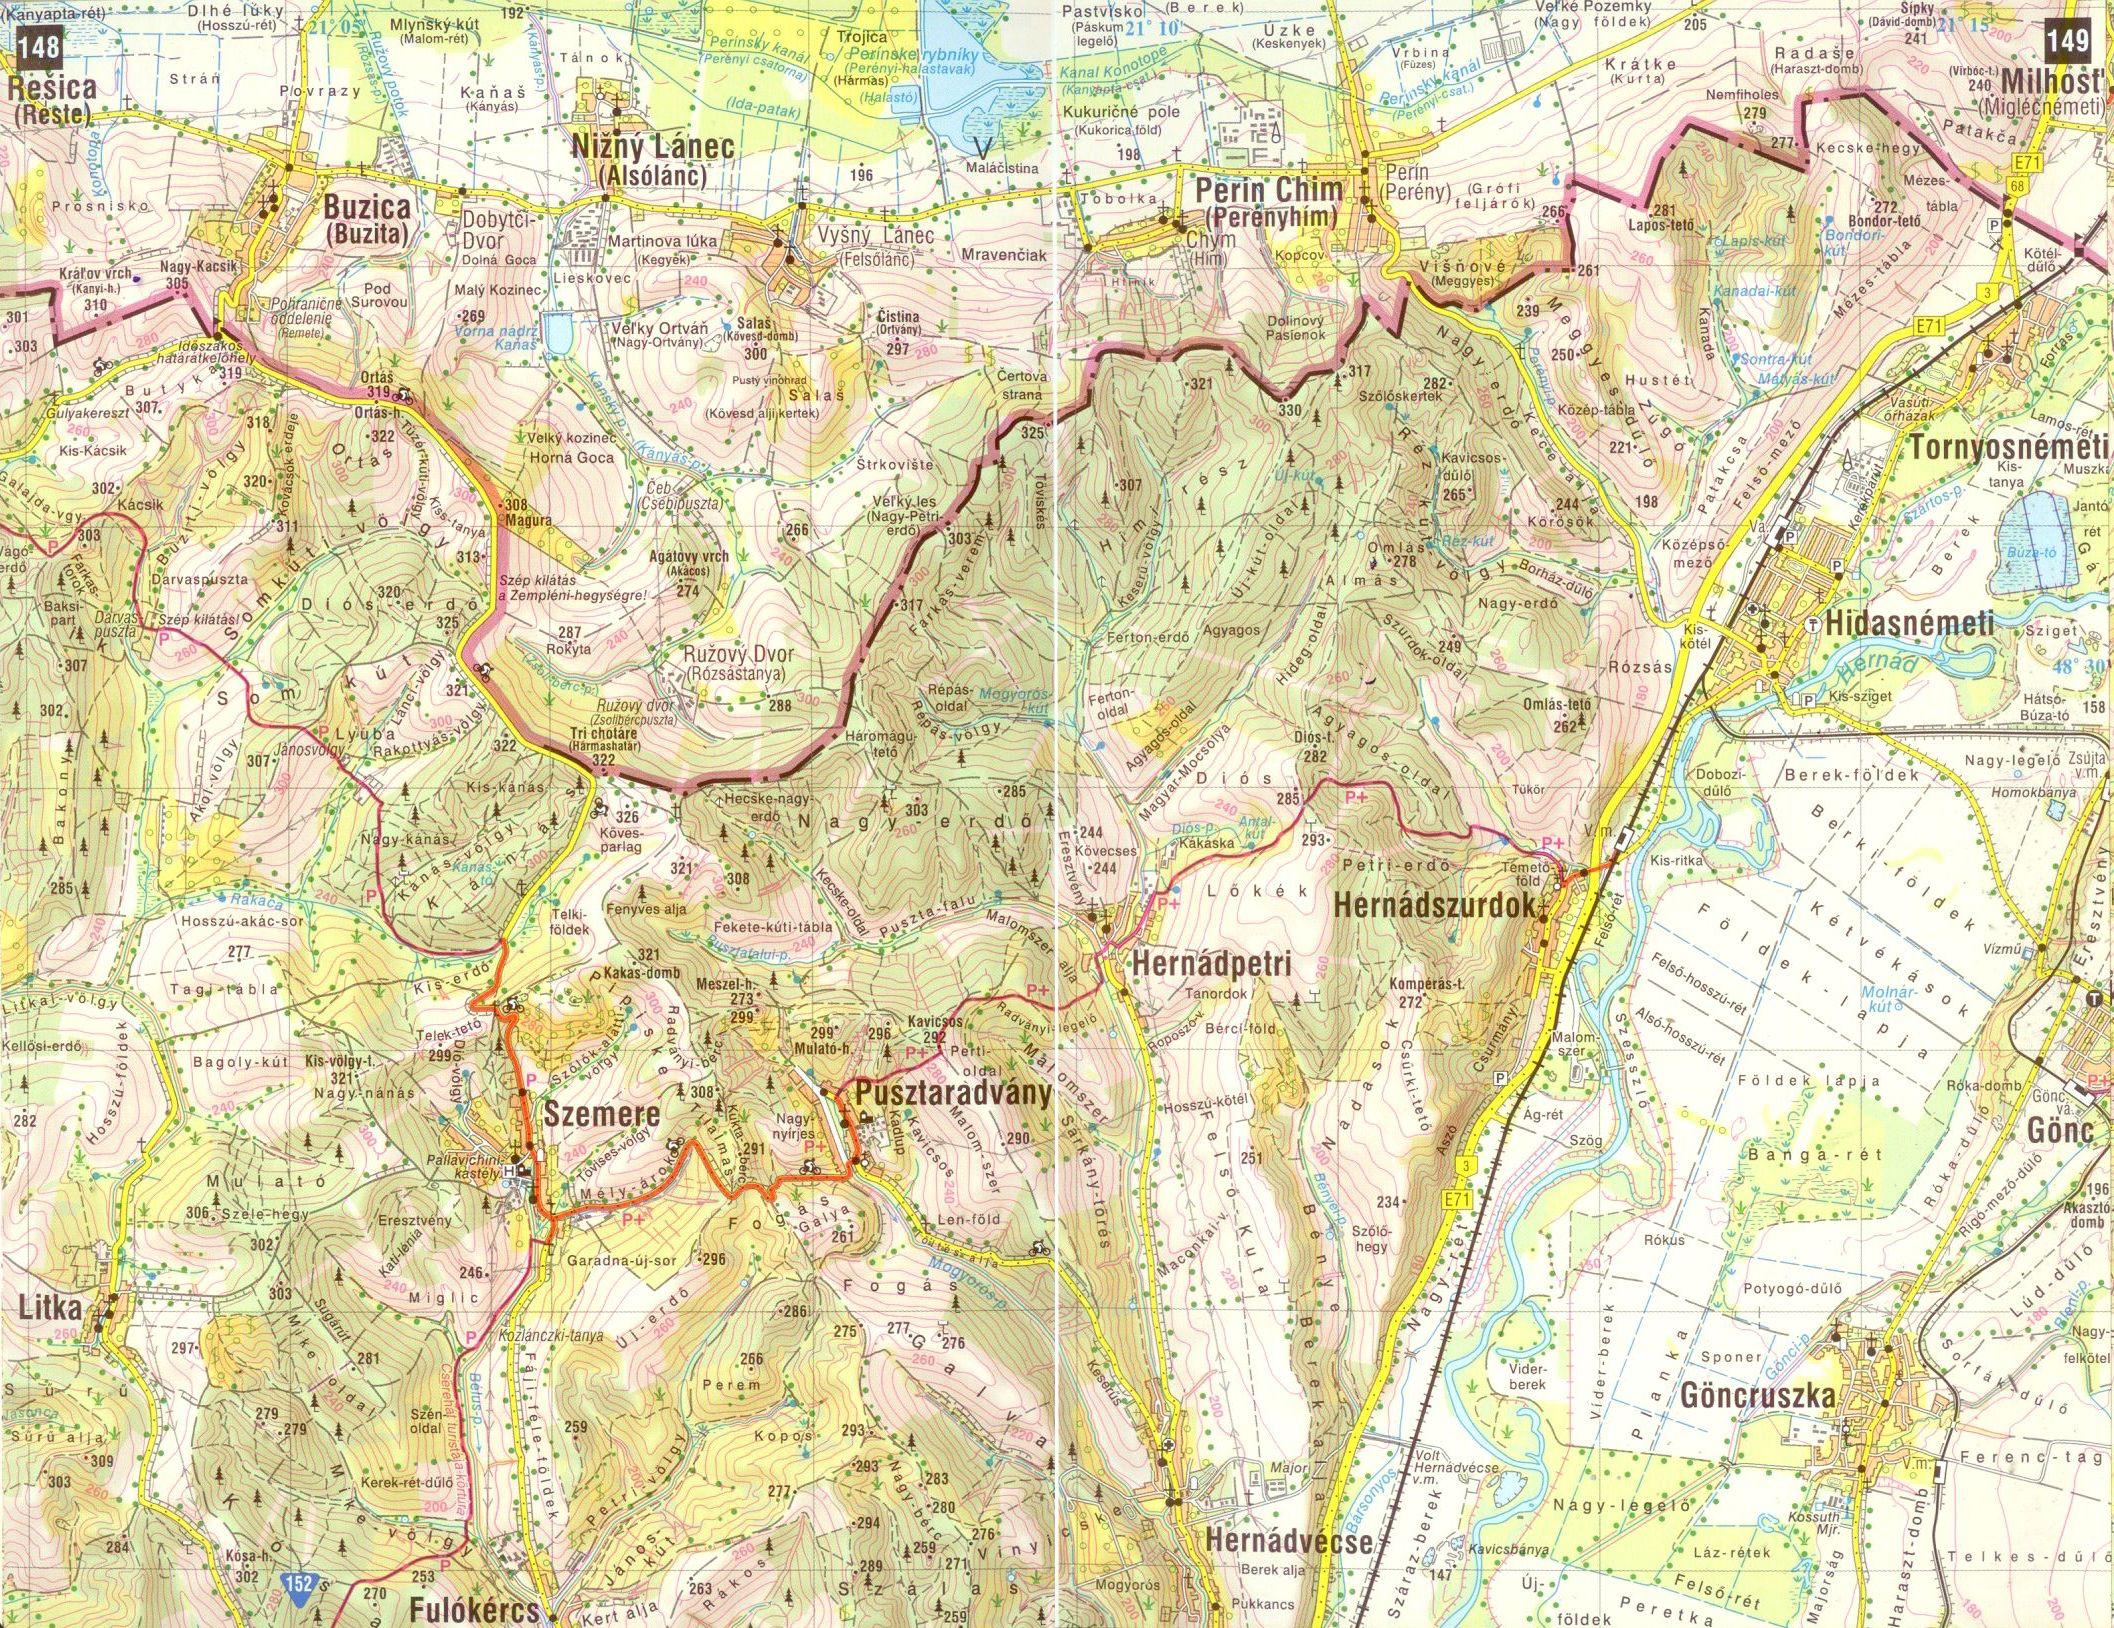 Gömör-Tornai-karszt, Cserehát atlasz 1:60.000-es térképminta